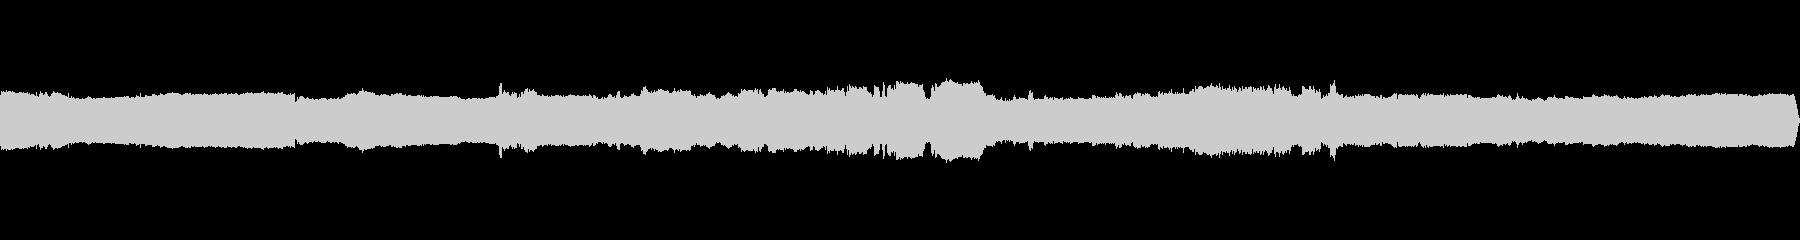 電気ノイズの未再生の波形